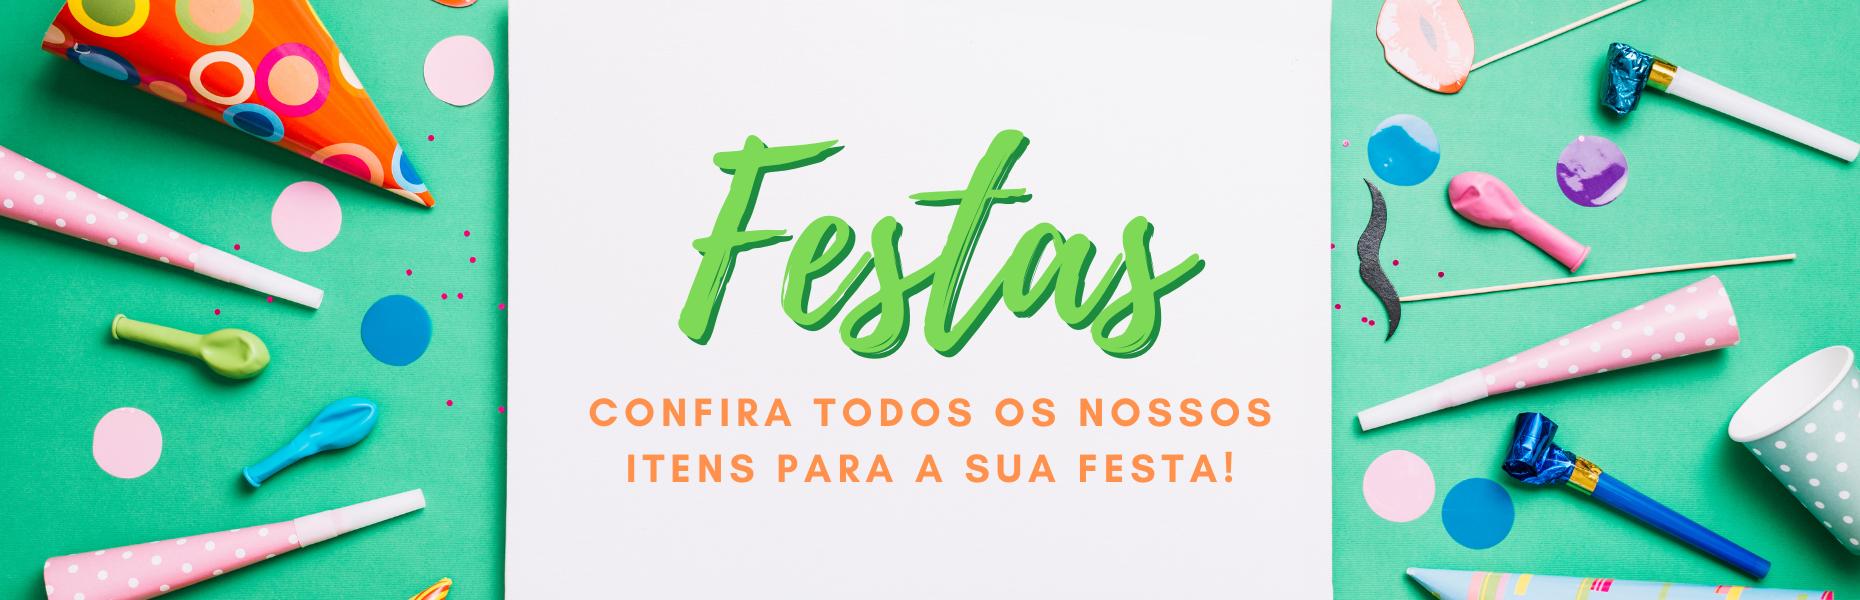 Artigos para festas - Festas e Fantasias